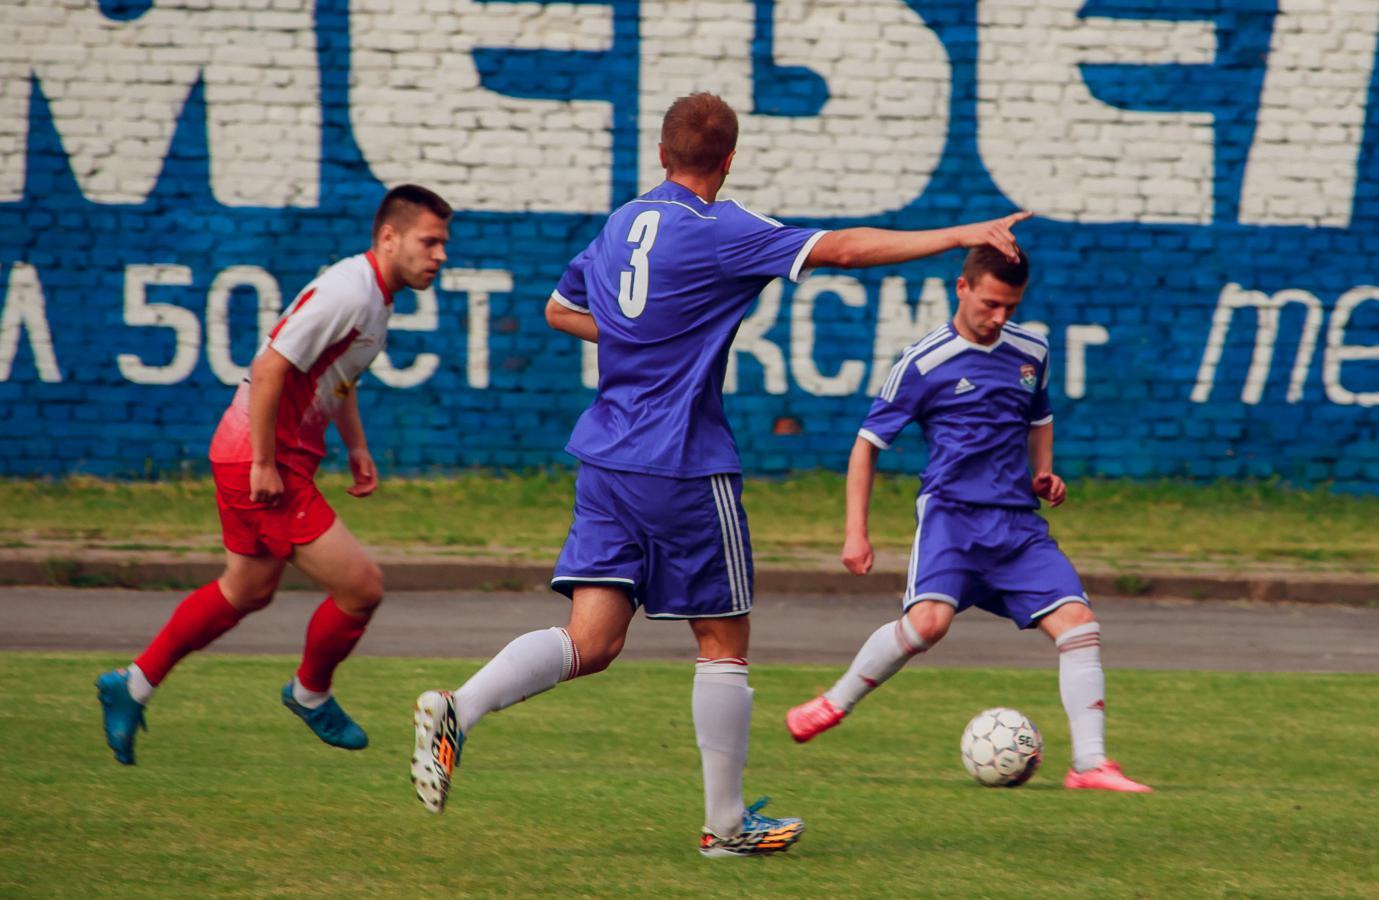 Денис Домашевич (№3) и Владислав Каборда (с мячом).